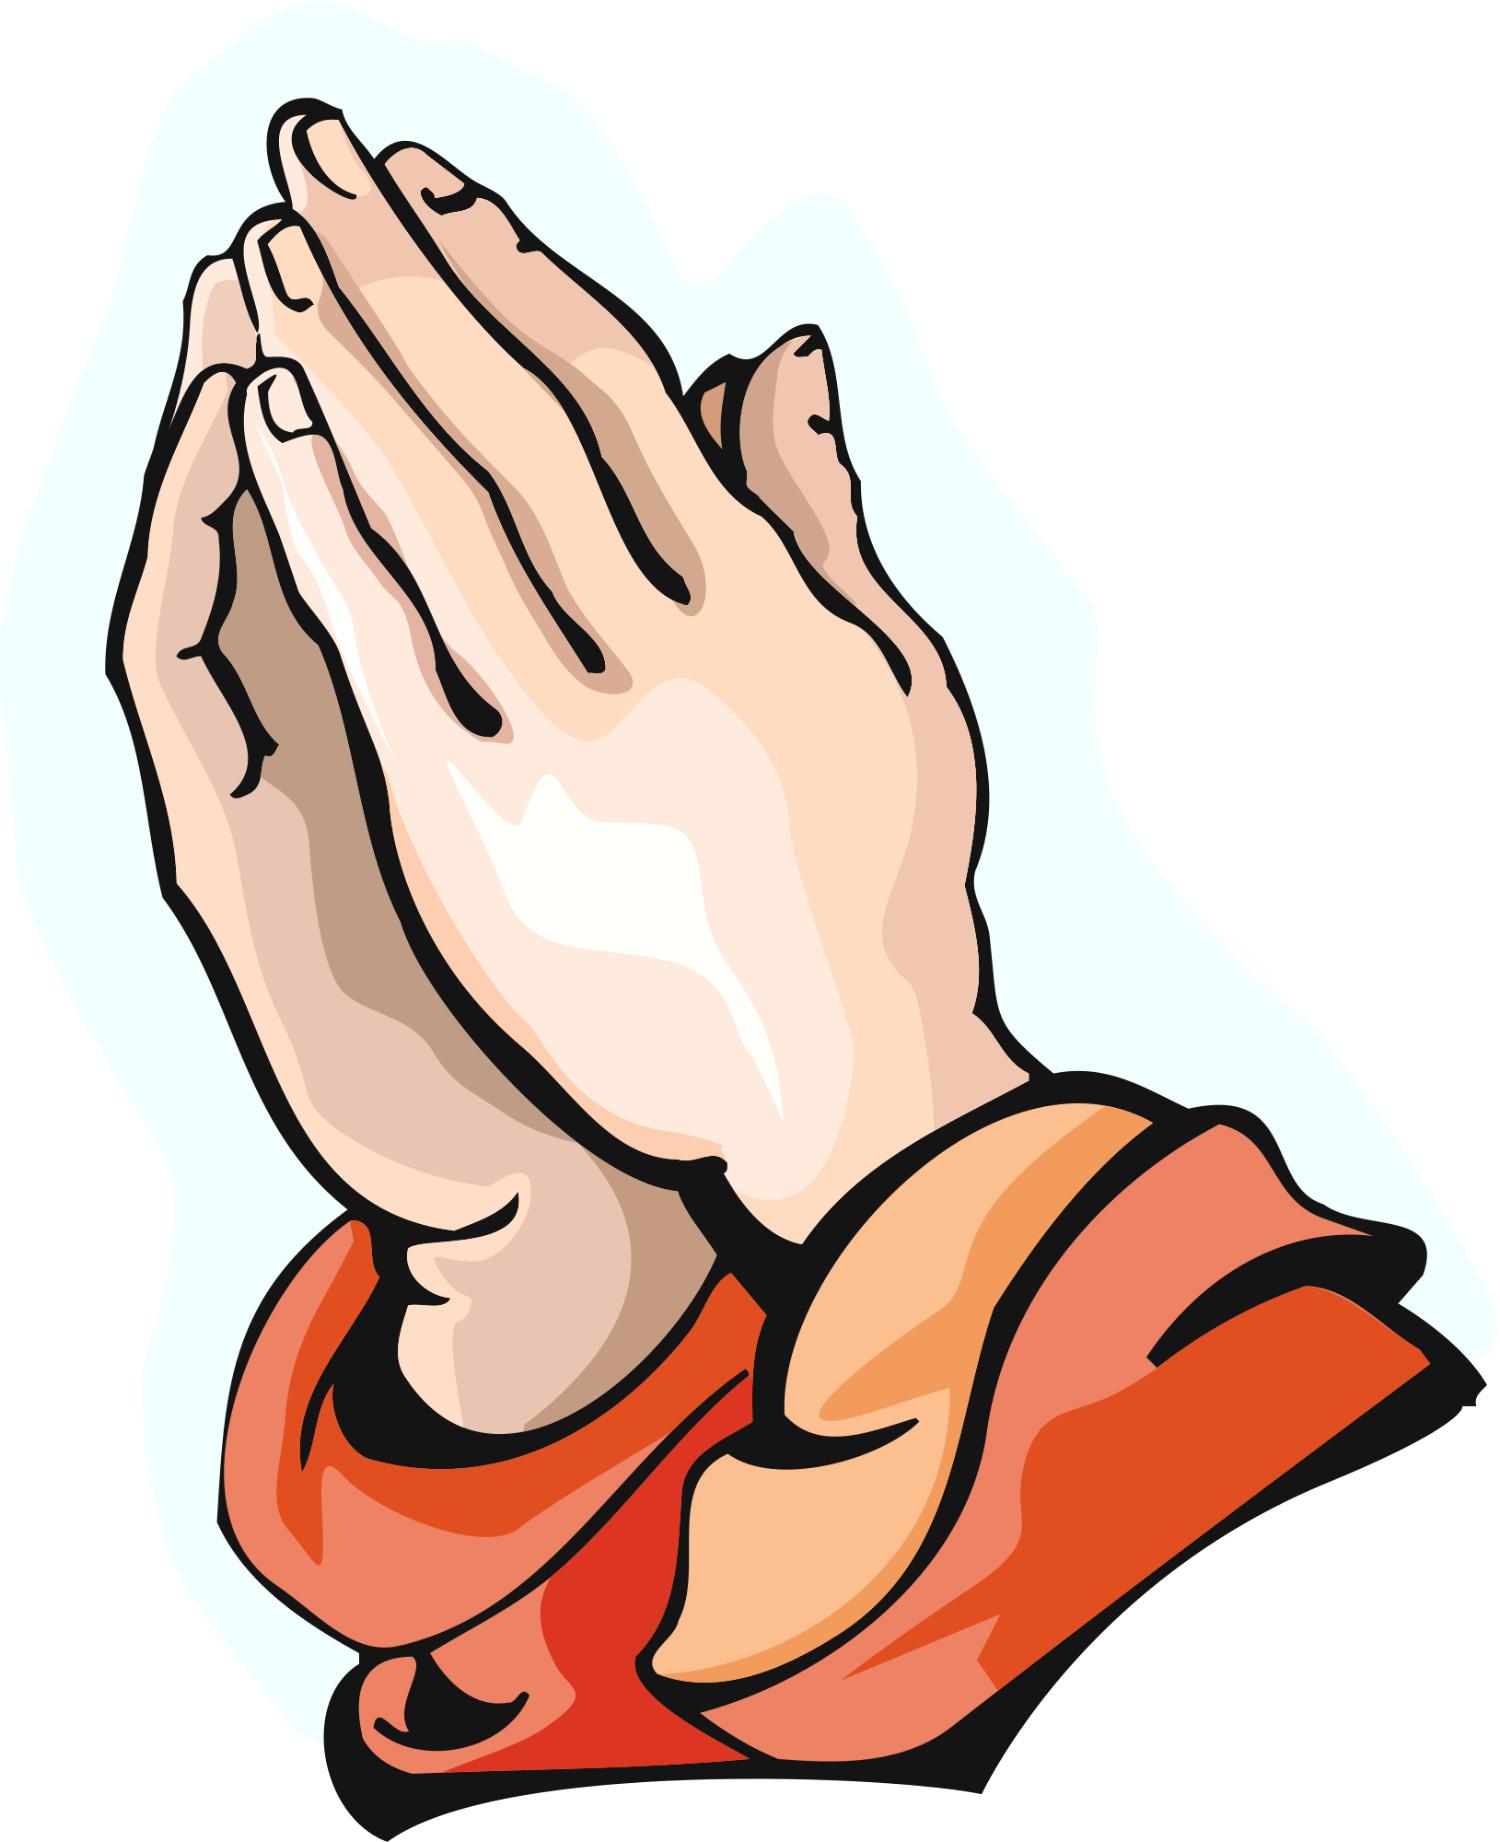 1500x1842 Praying Hands Clipart Cartoon Prayer Lifestyle Fancy Clip Art